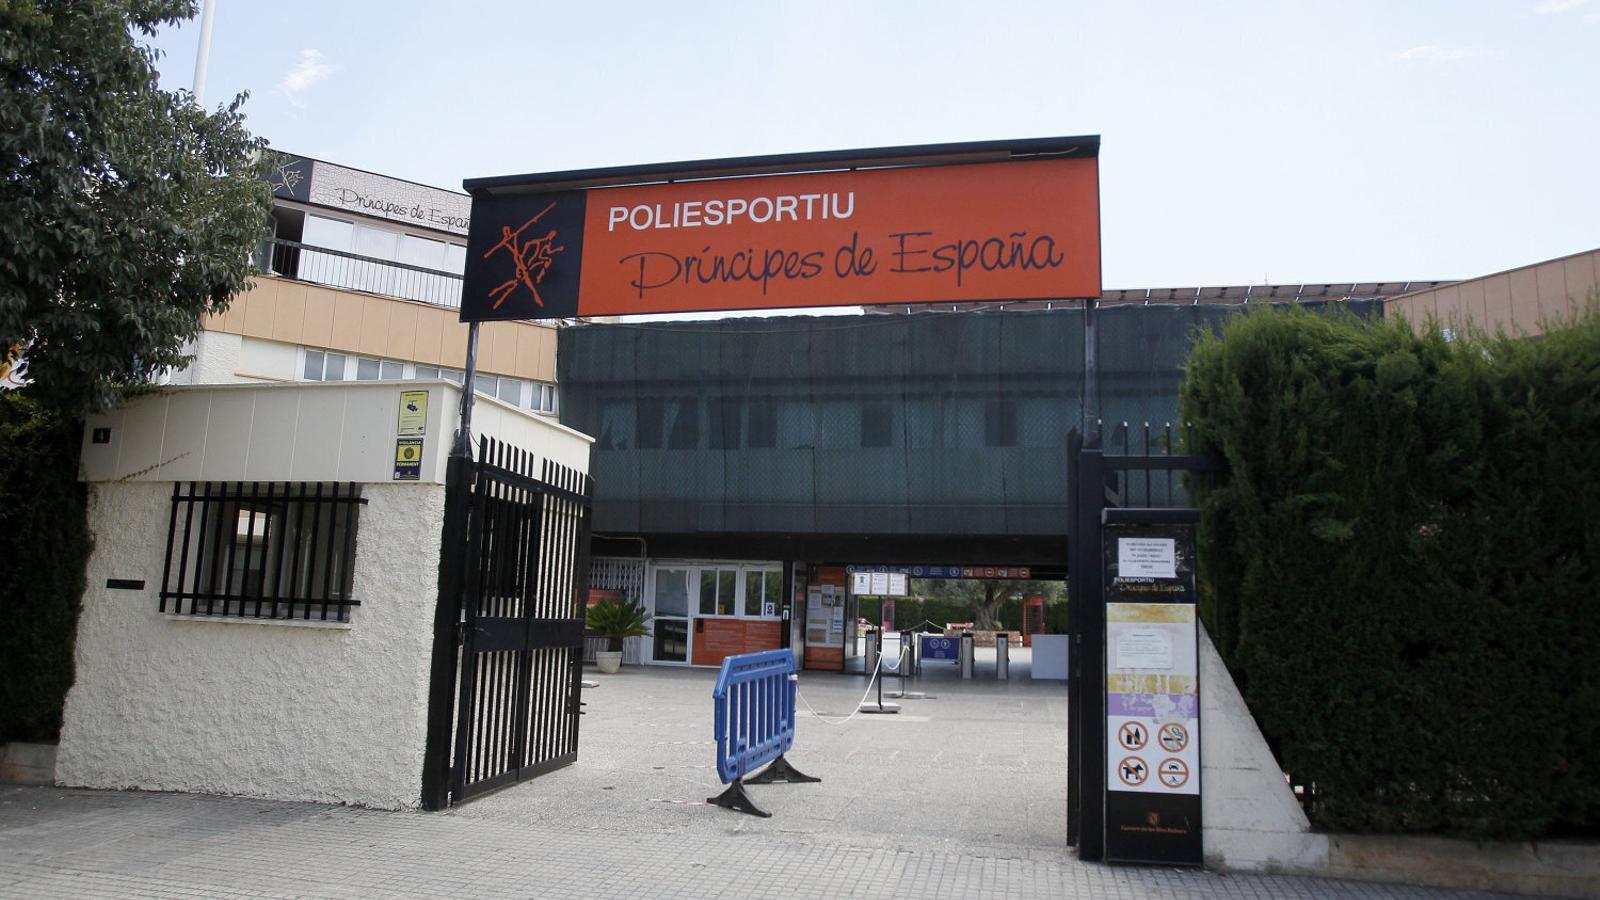 Els pilots i el tècnic s'han exercitat en el poliesportiu Prínceps d'Espanya